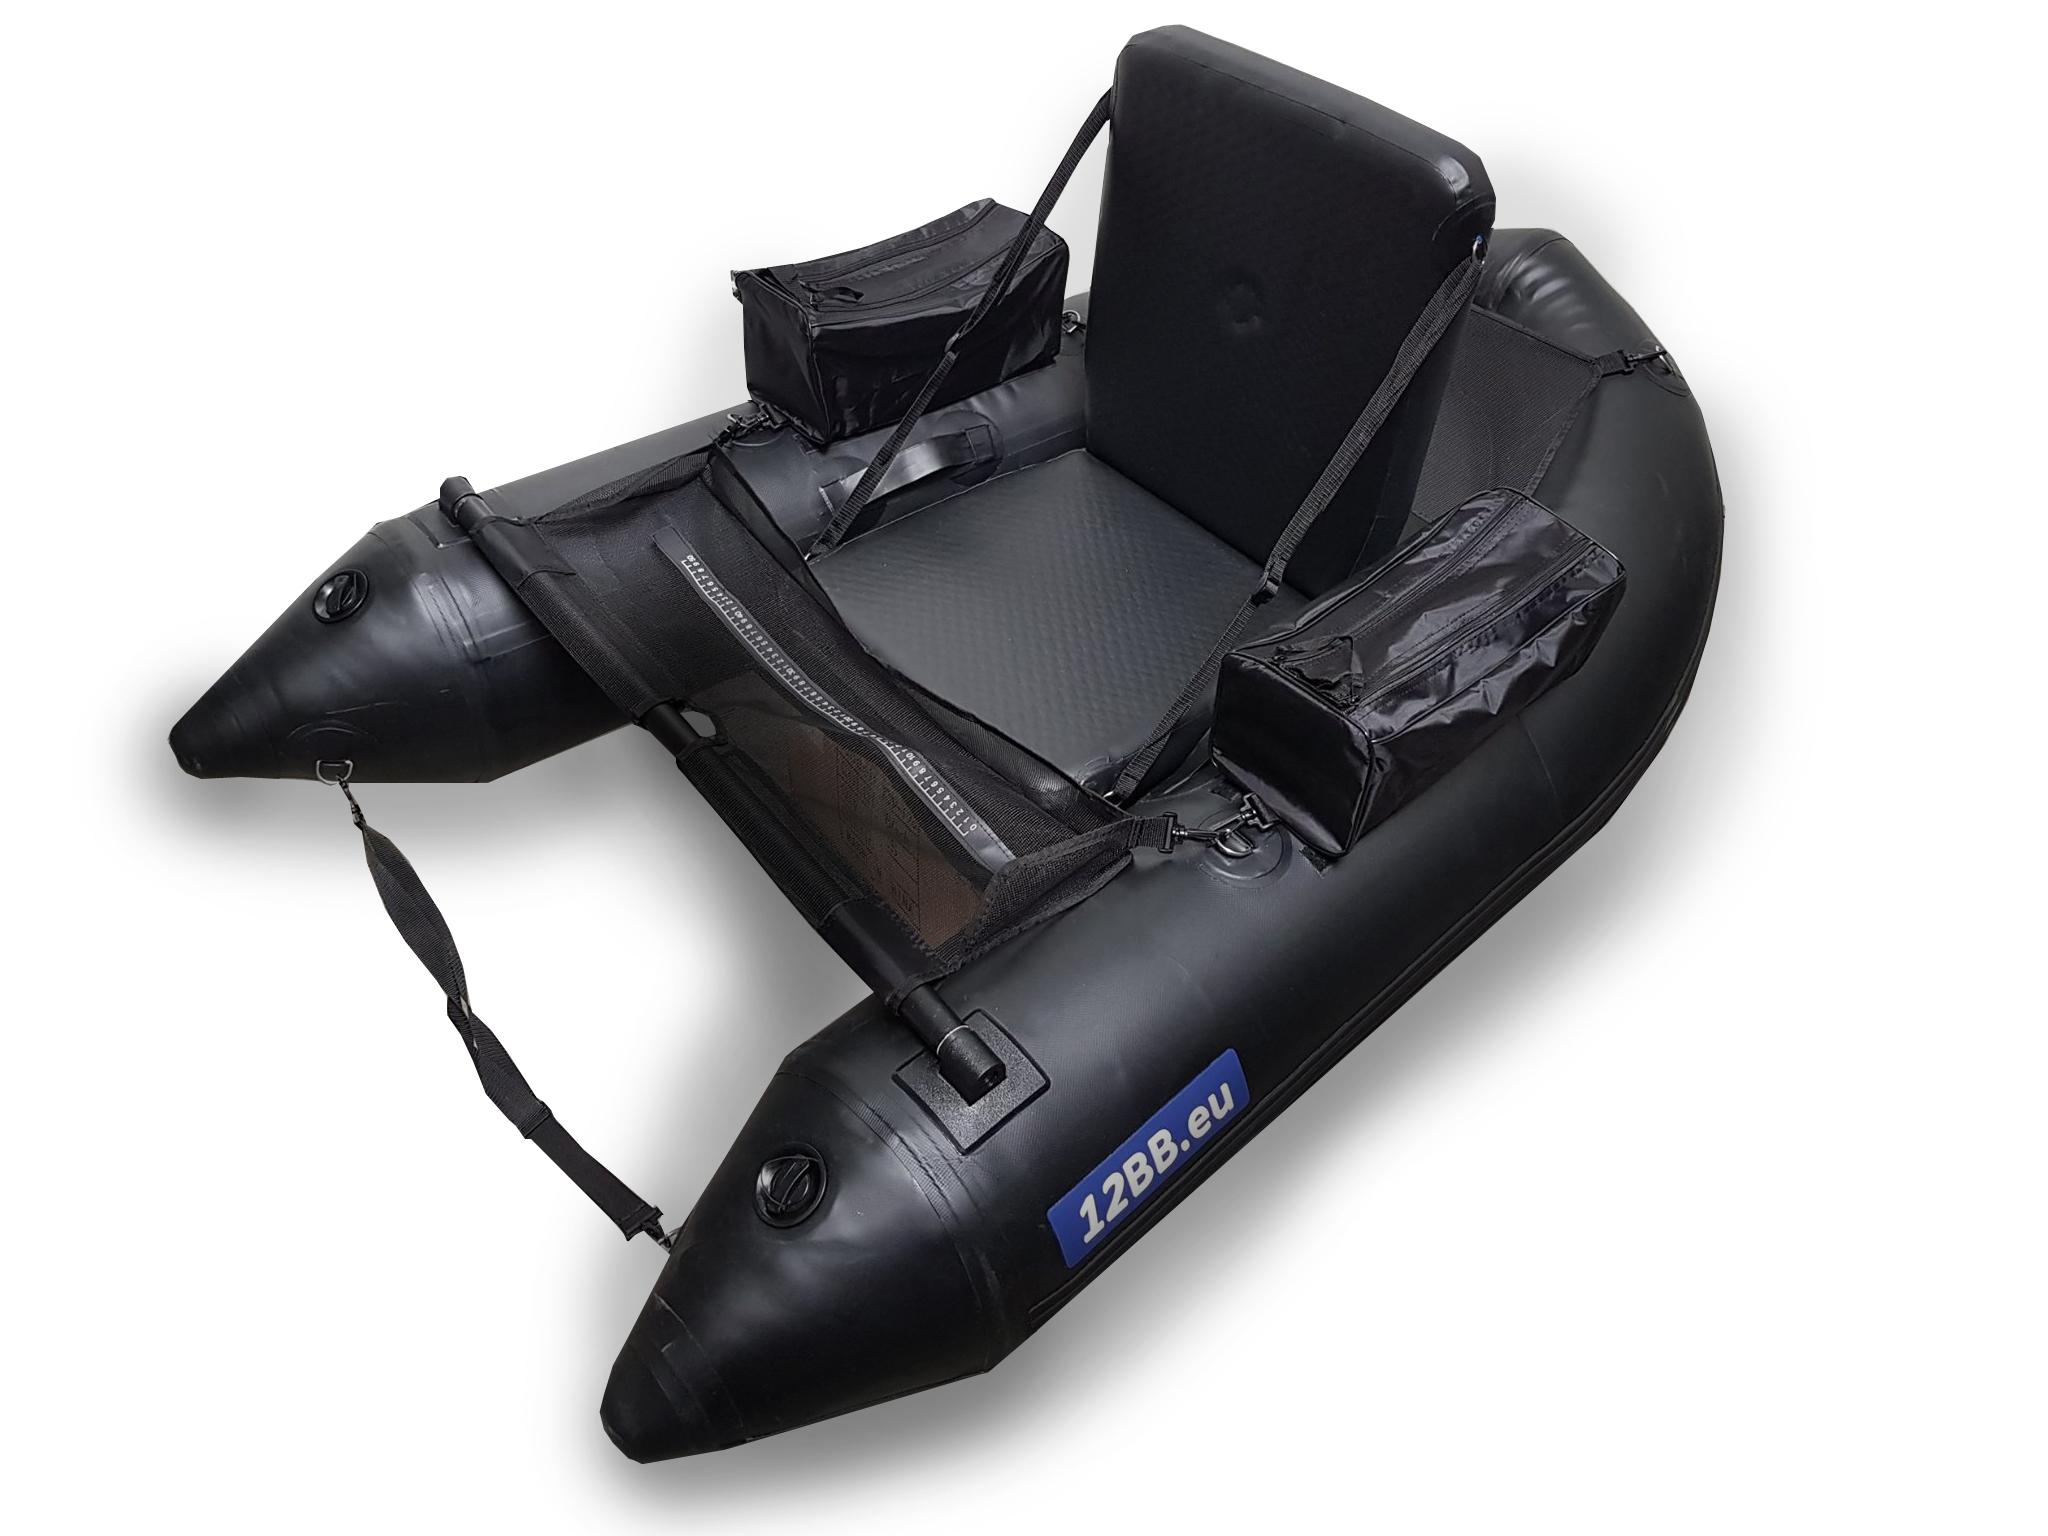 12BB - Belly Boat, type STEALTH NP mit Aufblasbahrem Boden und Sitz (keine Paddel)